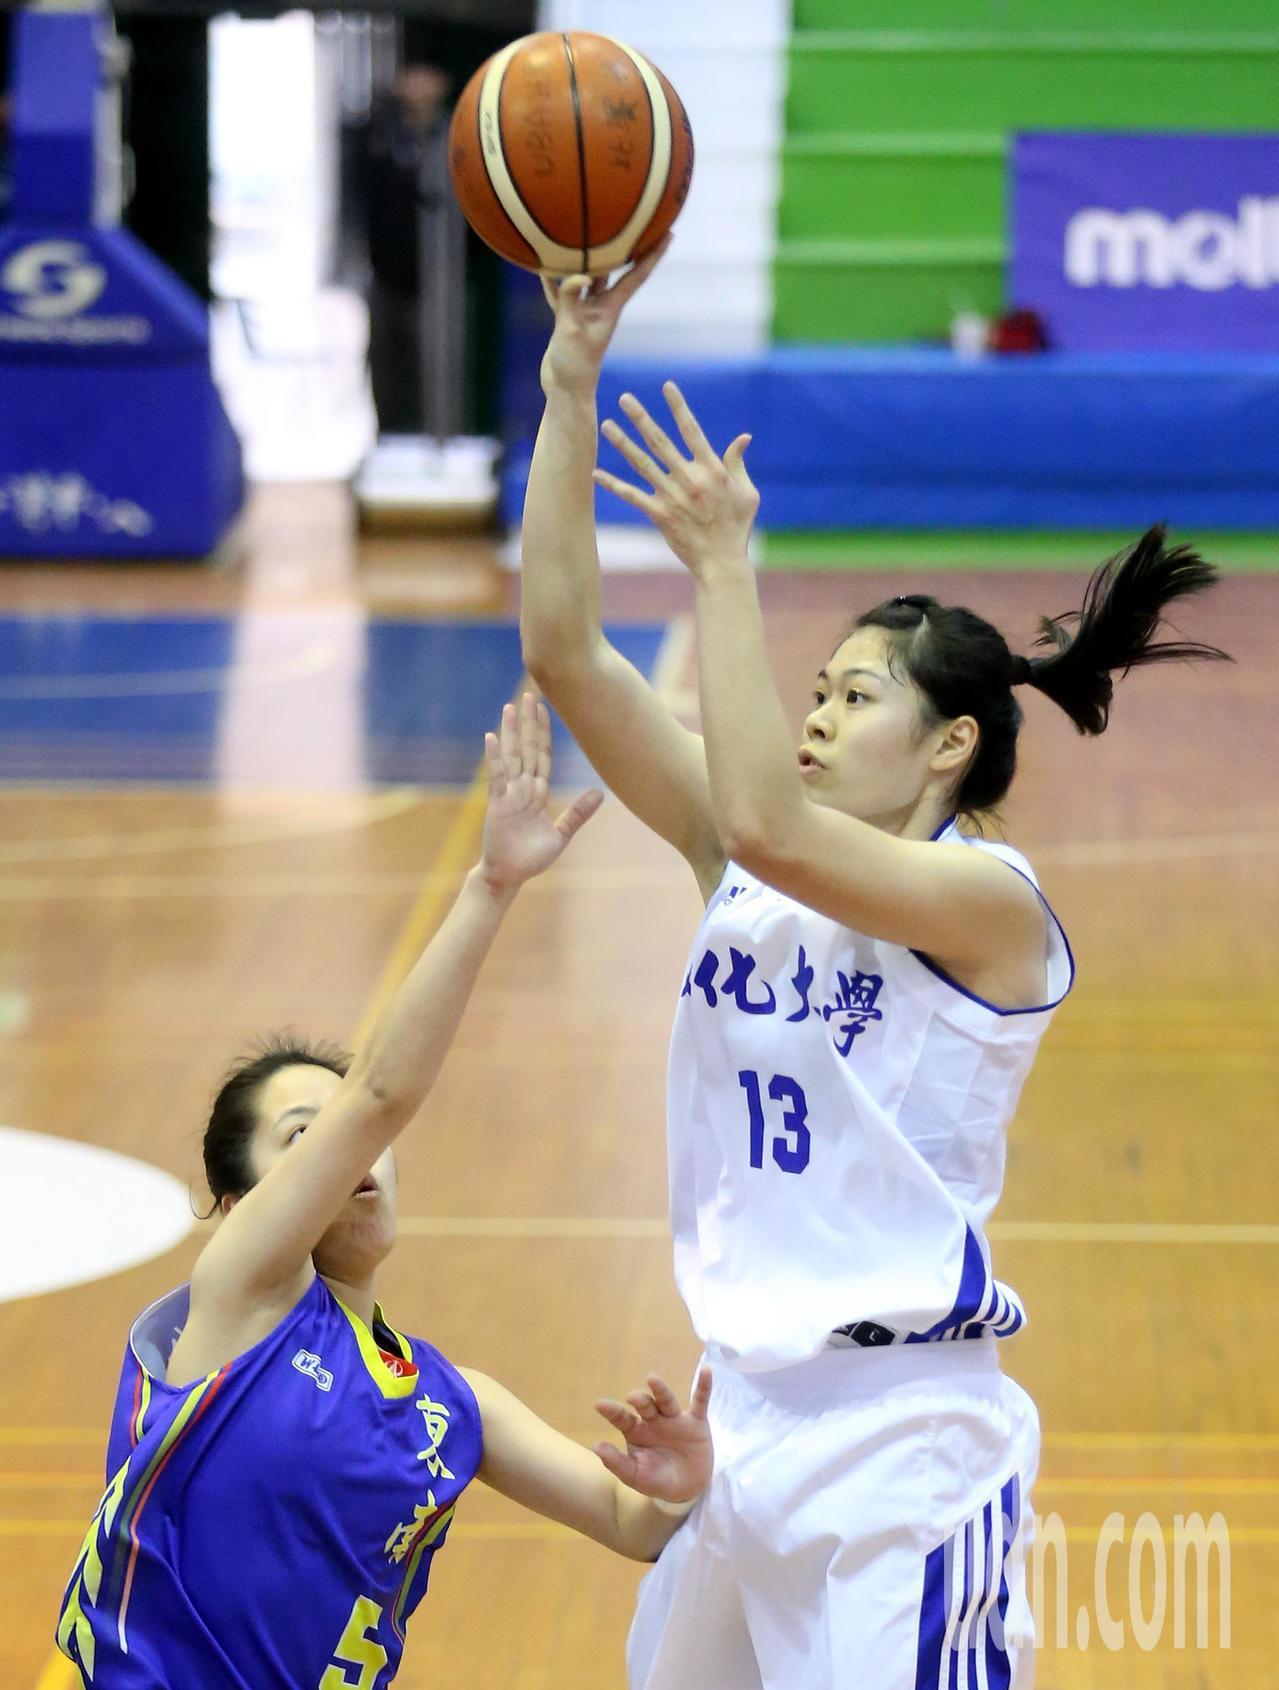 UBA大專籃球聯賽在台灣科大進行女子組賽事,文化大學戴宜庭(右)在中距離跳投得分...